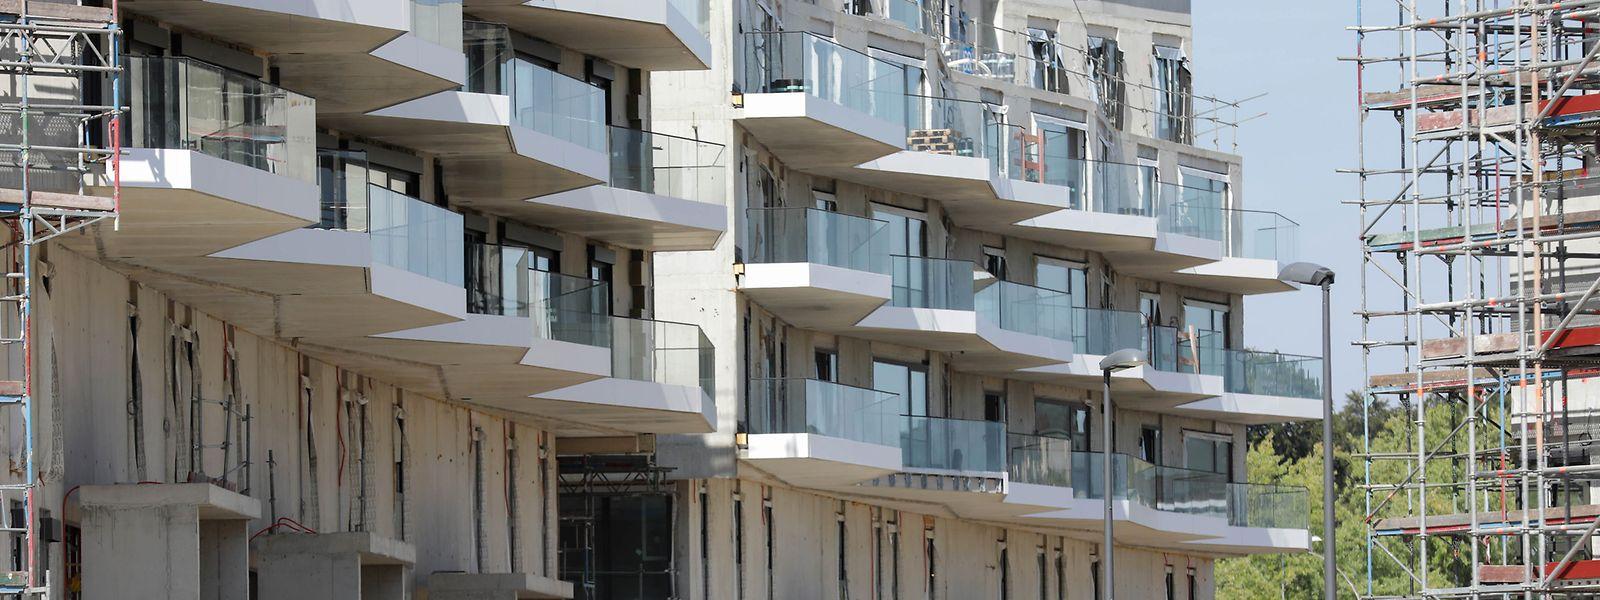 L'acquisition d'anciennes friches industrielles et leur reconversion pour du logement explique la hausse du potentiel foncier entre 2013 et 2016.